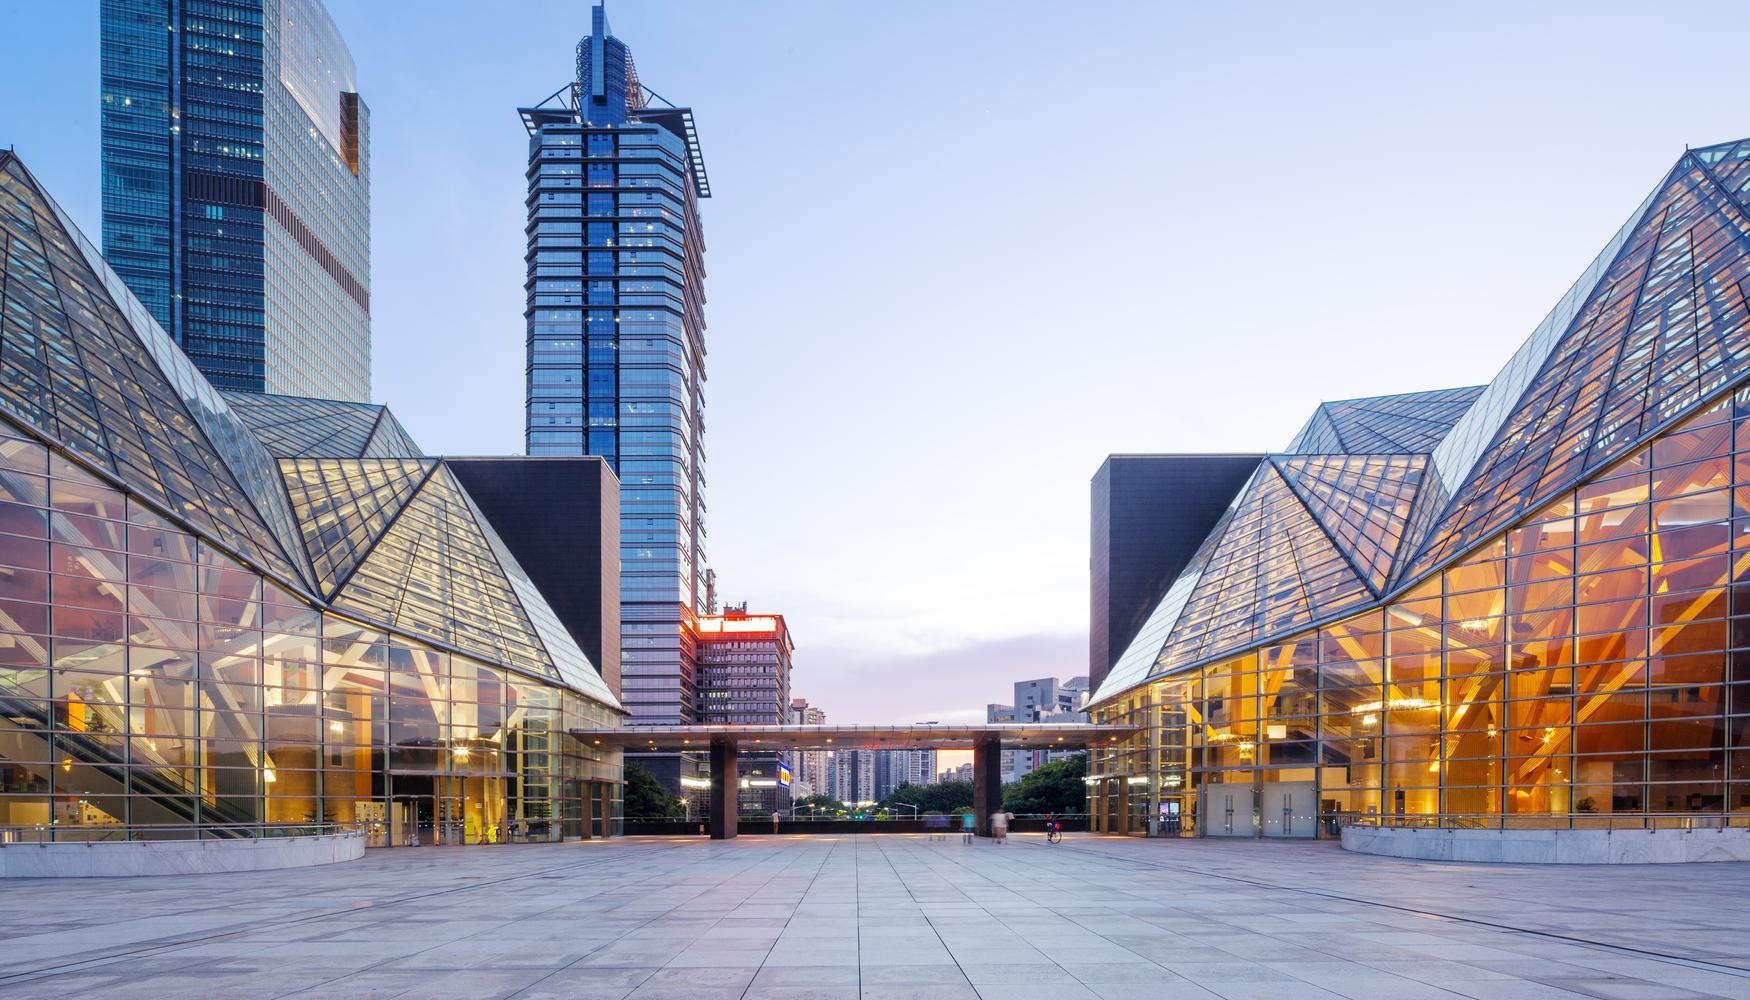 Alquiler de coches en Aeropuerto Zhuhai